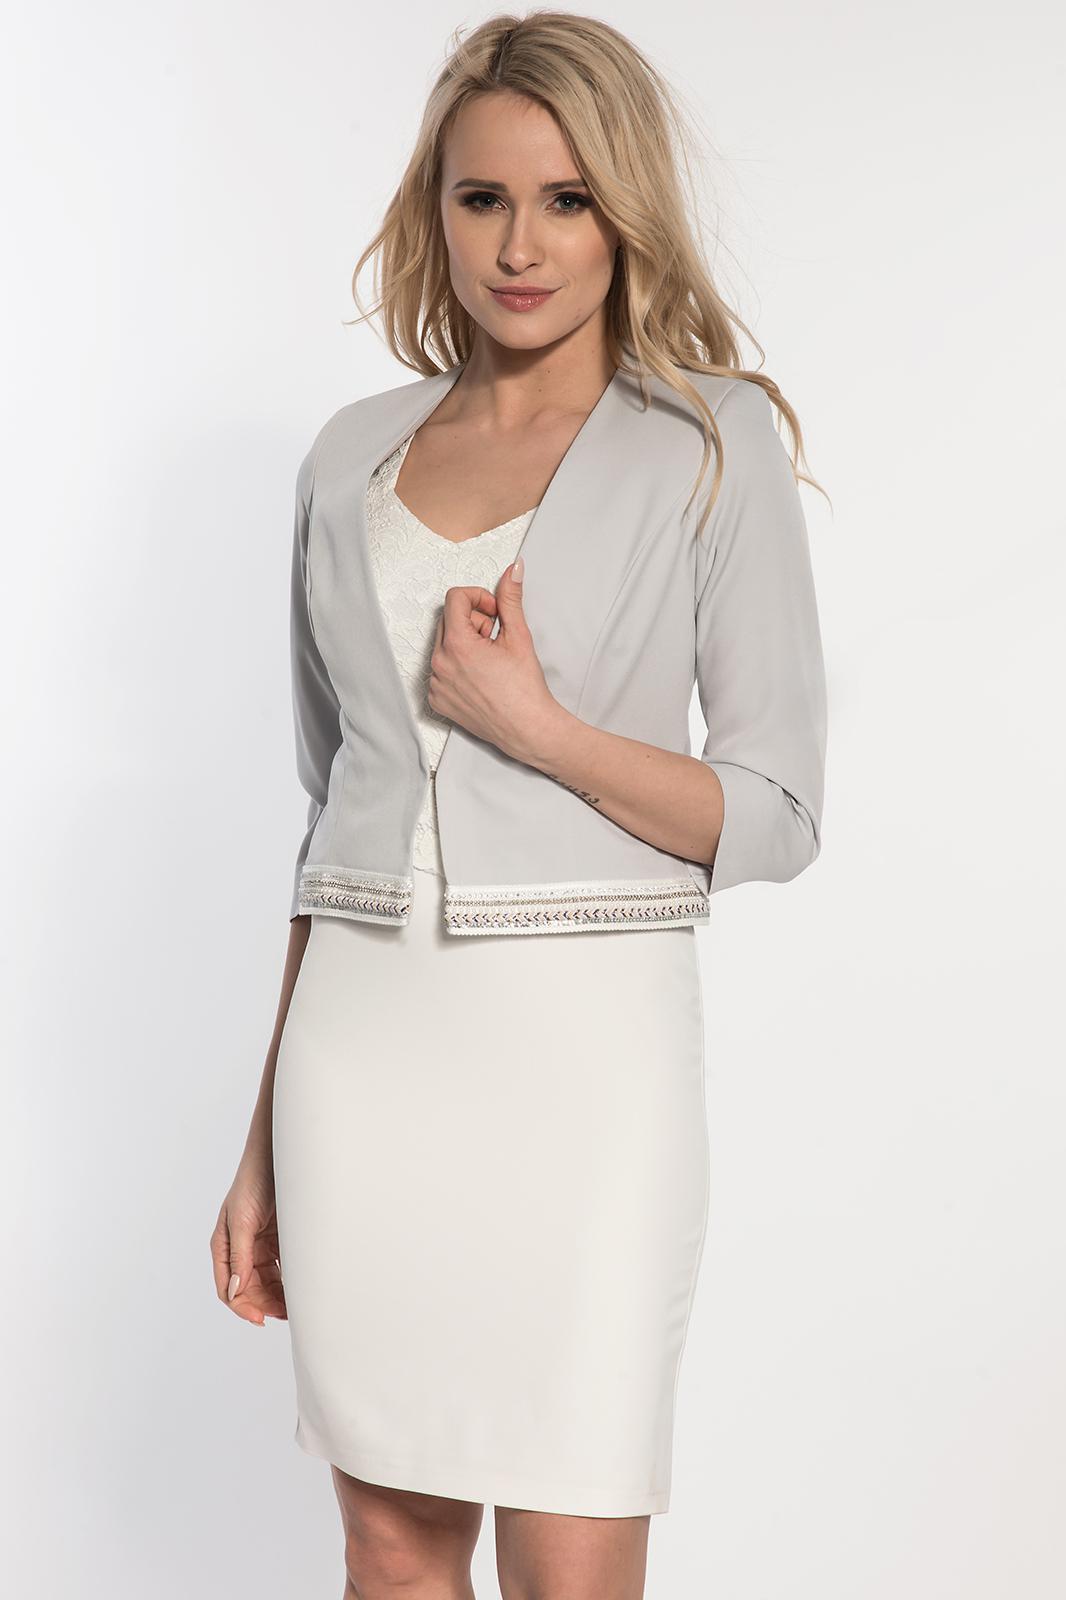 62ff5cfaf07 Купить женский пиджак. Женские пиджаки в интернет-магазине в Минске